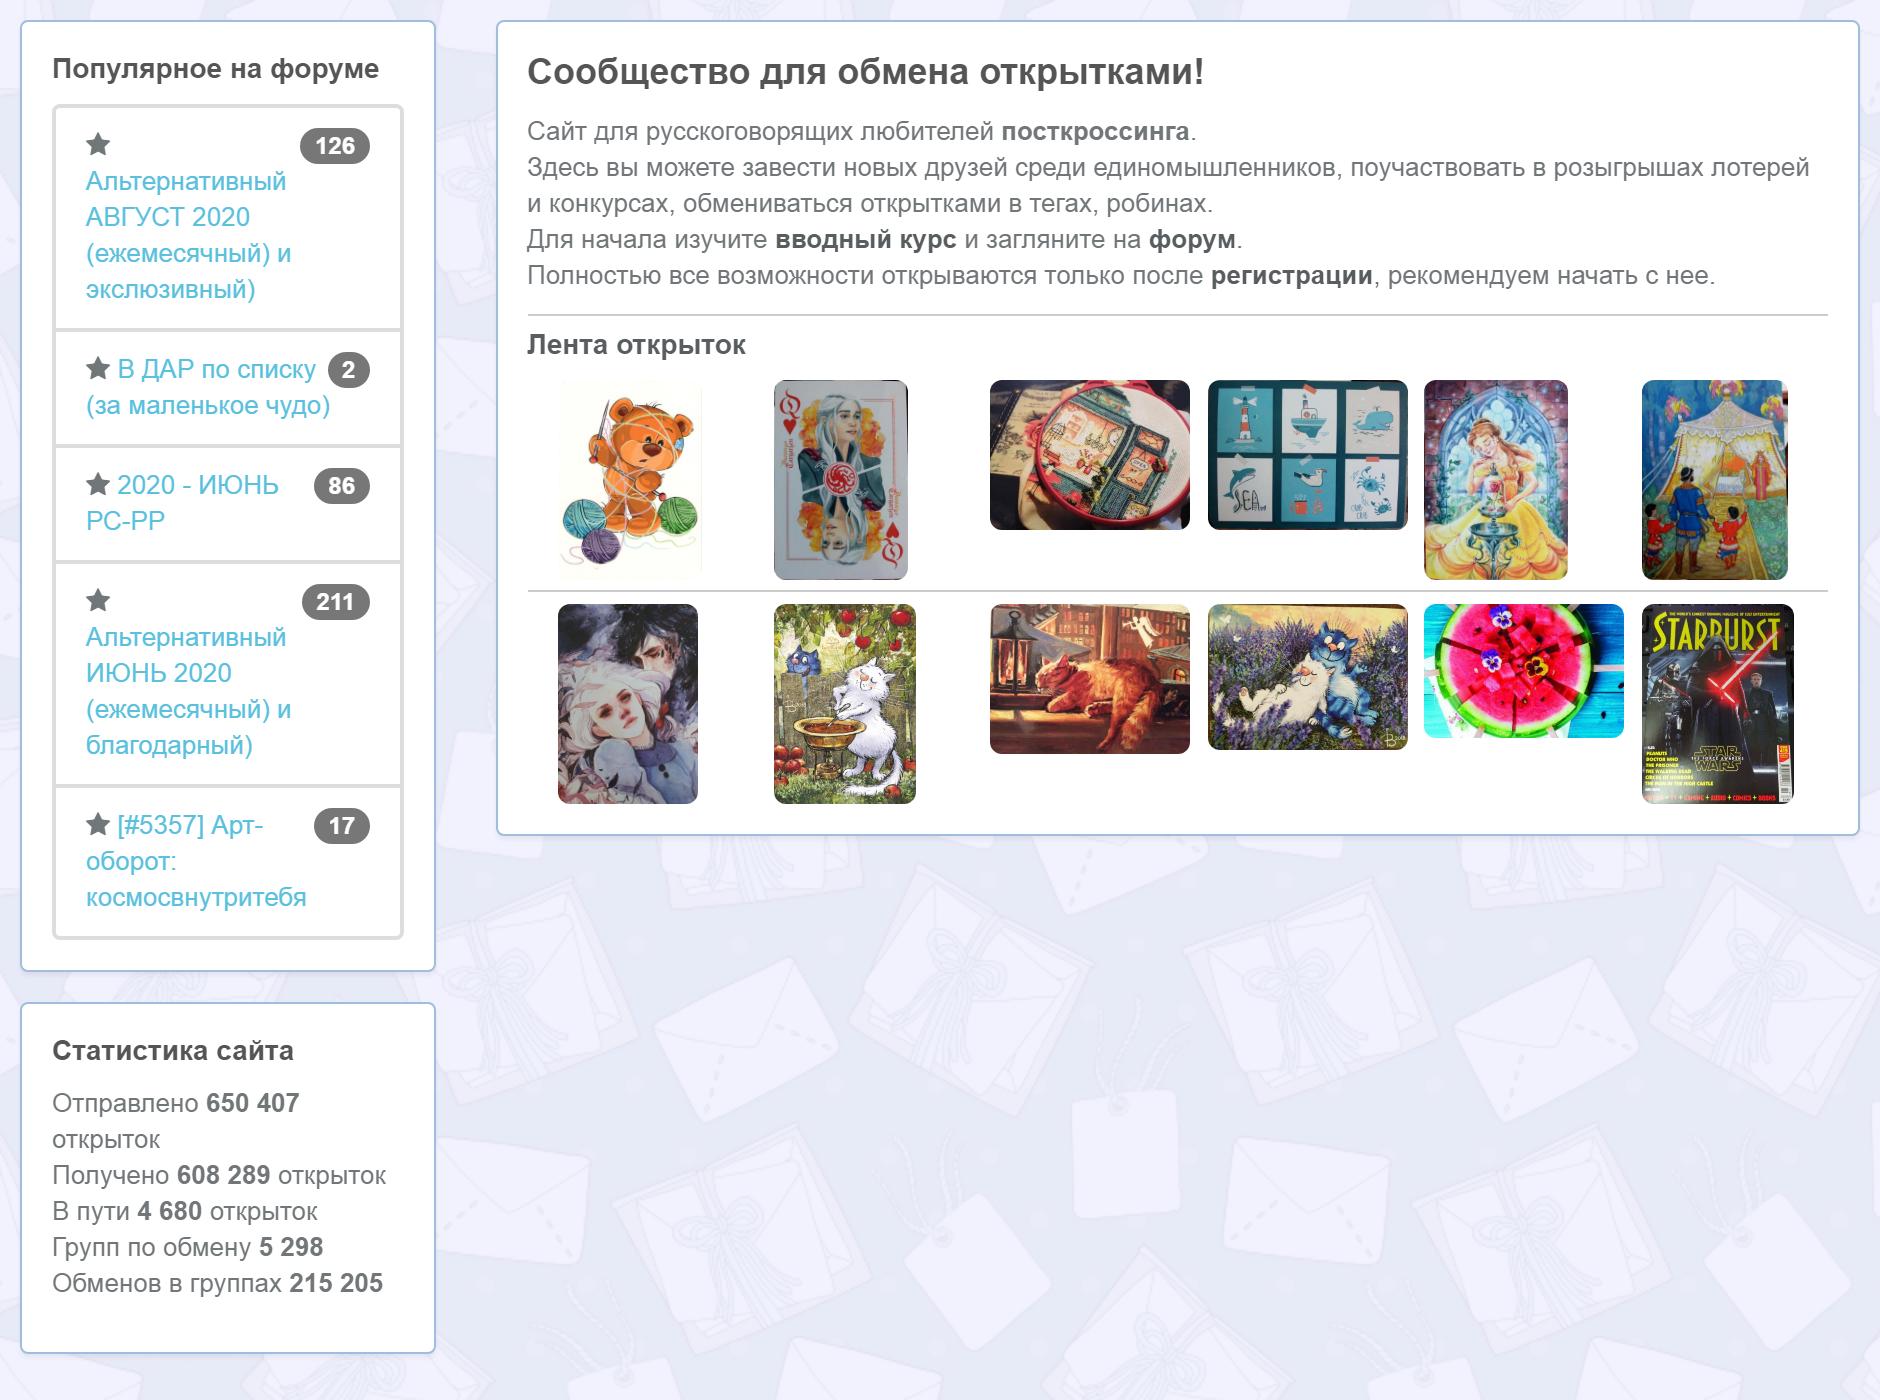 На «Посткросс-ру» есть форумы поинтересам: там можно обмениваться открытками наконкретную тему. Новленте видно, что некоторые карточки повторяются. Ассортимент вРоссии ограничен — интереснее получать открытки издругих стран